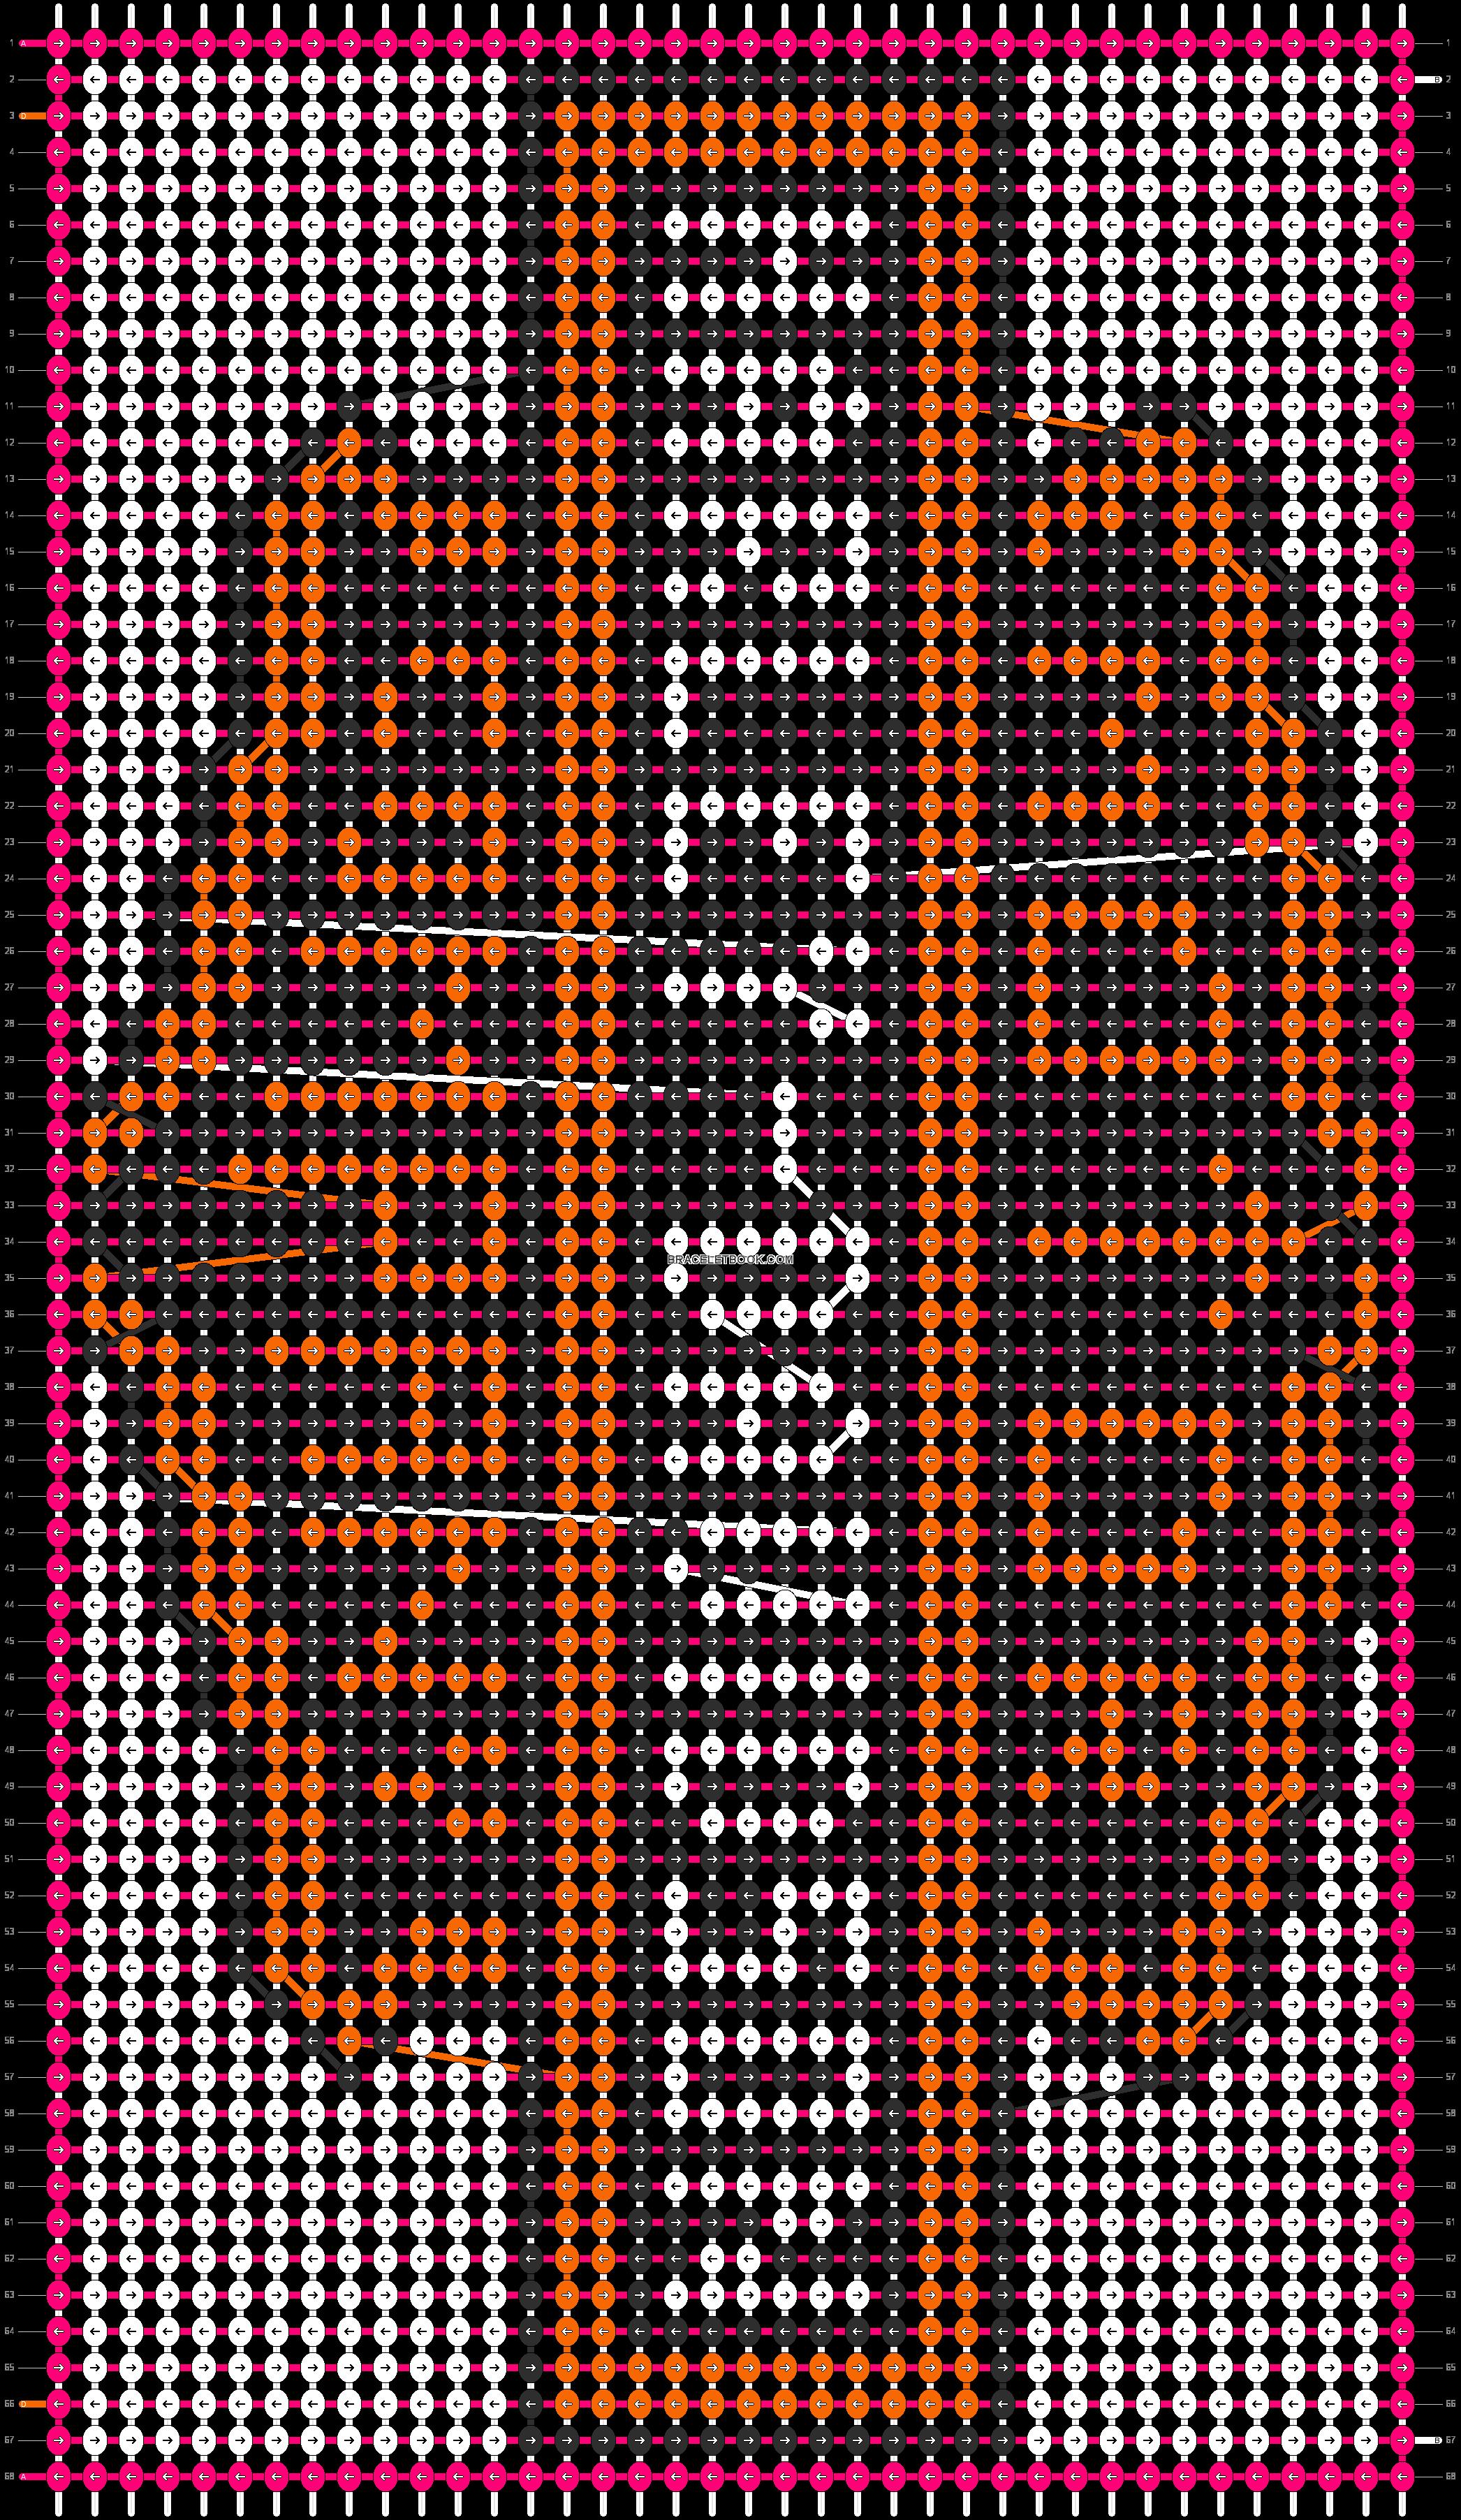 Alpha Pattern 15227 Added By Cendrillon Bracelets